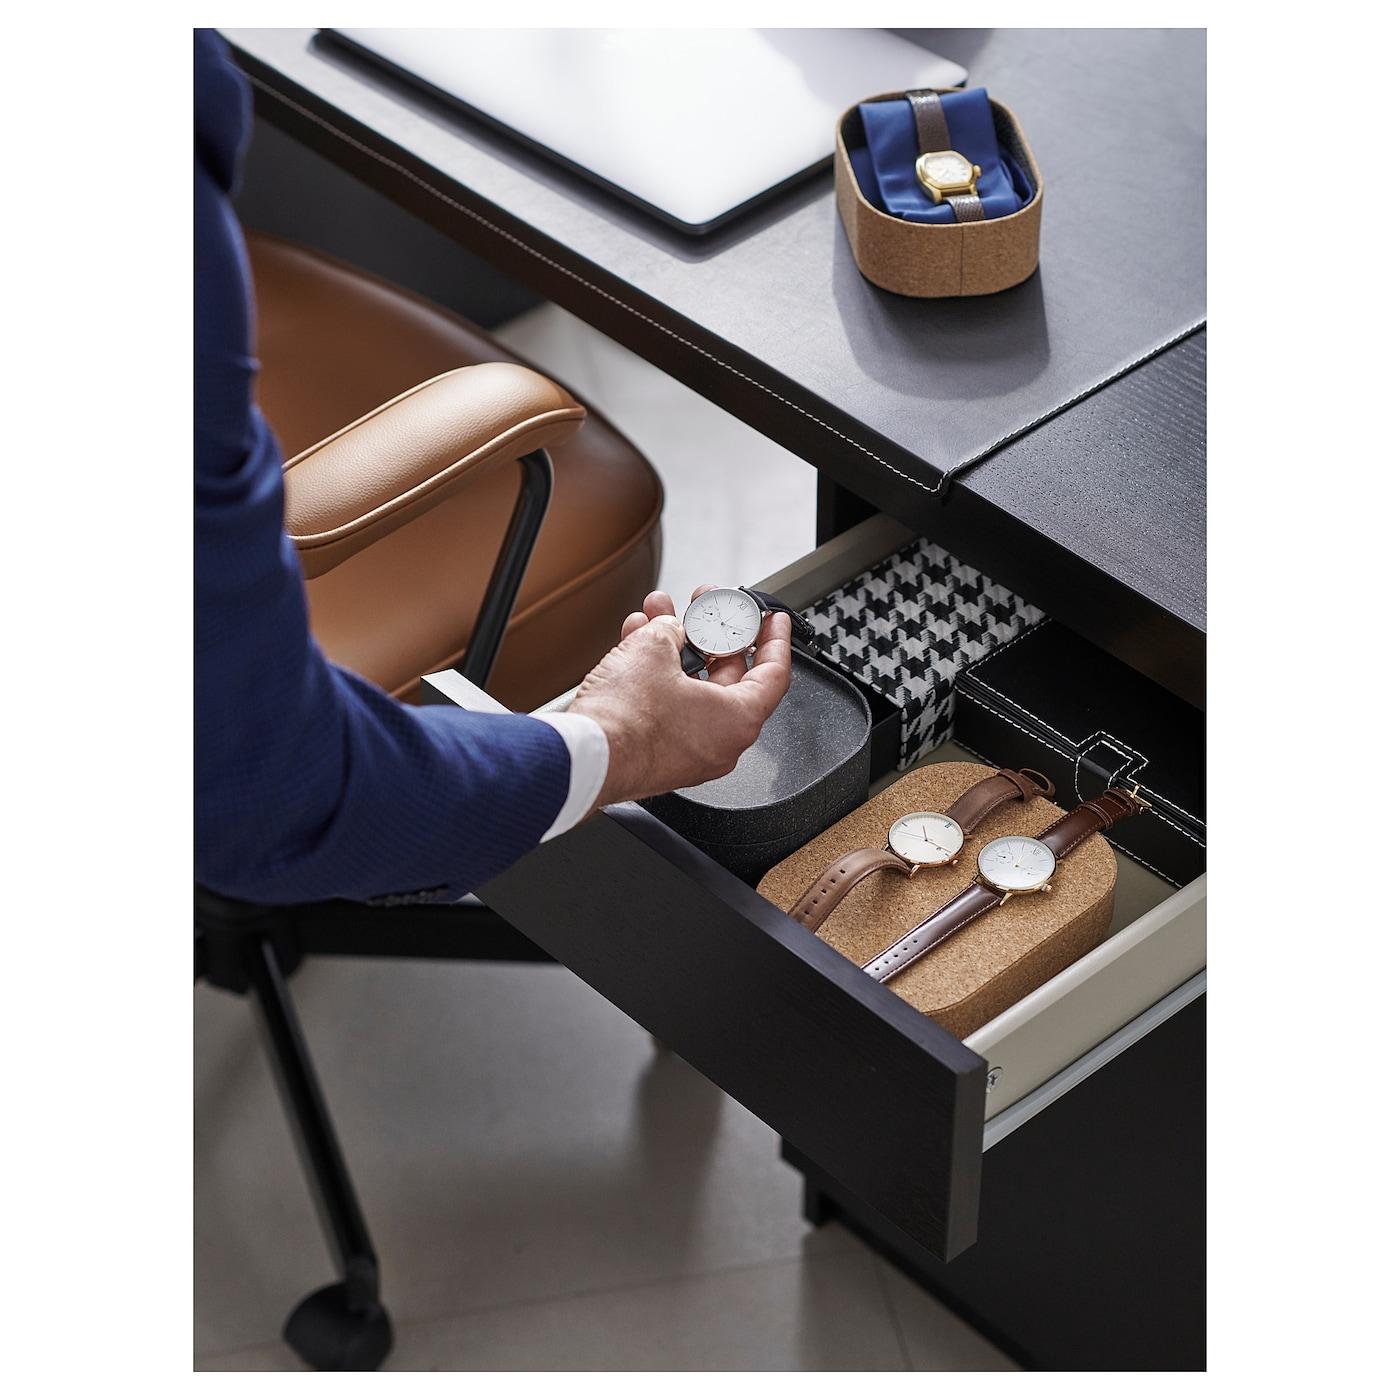 ALEFJÄLL Office chair Grann golden brown